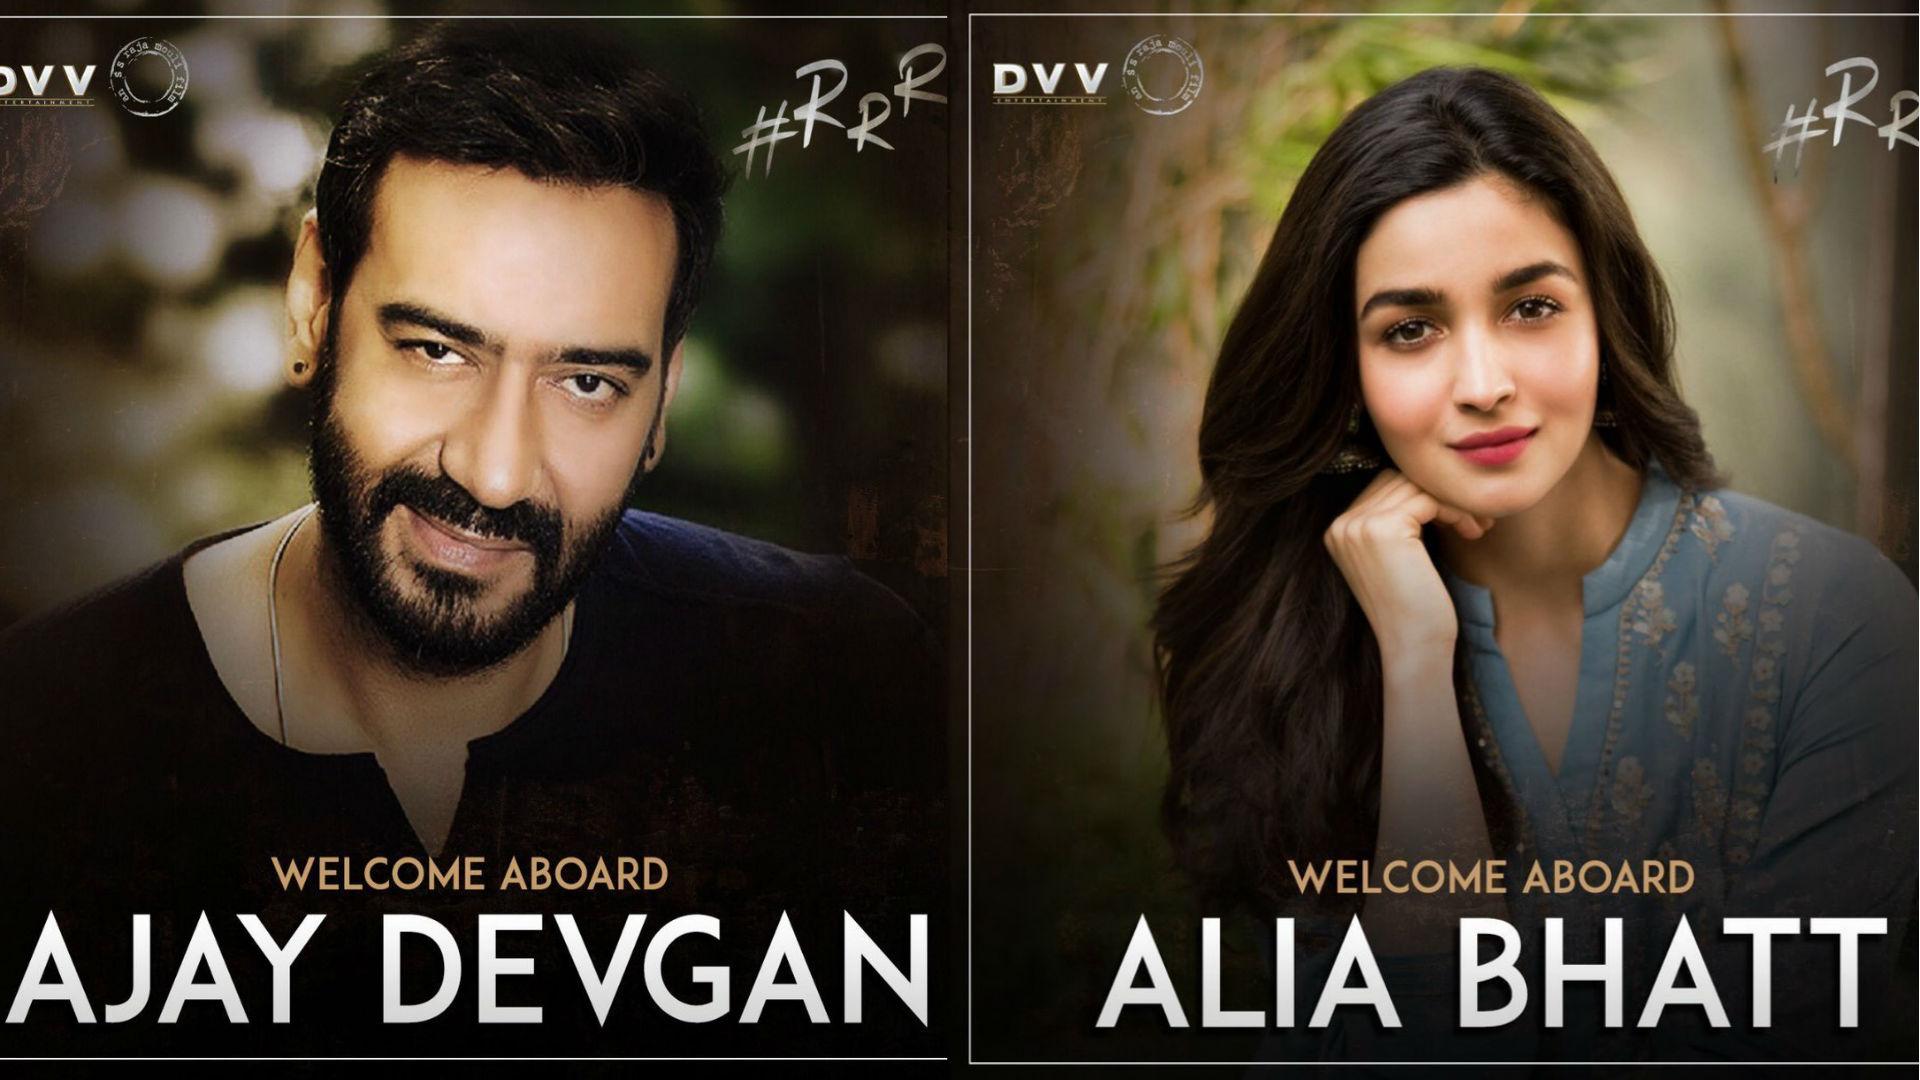 राजामौली की फिल्म आरआरआर में अजय देवगन-आलिया भट्ट की एंट्री, साउथ के 2 सुपरस्टार भी दिखाएंगे देशभक्ति